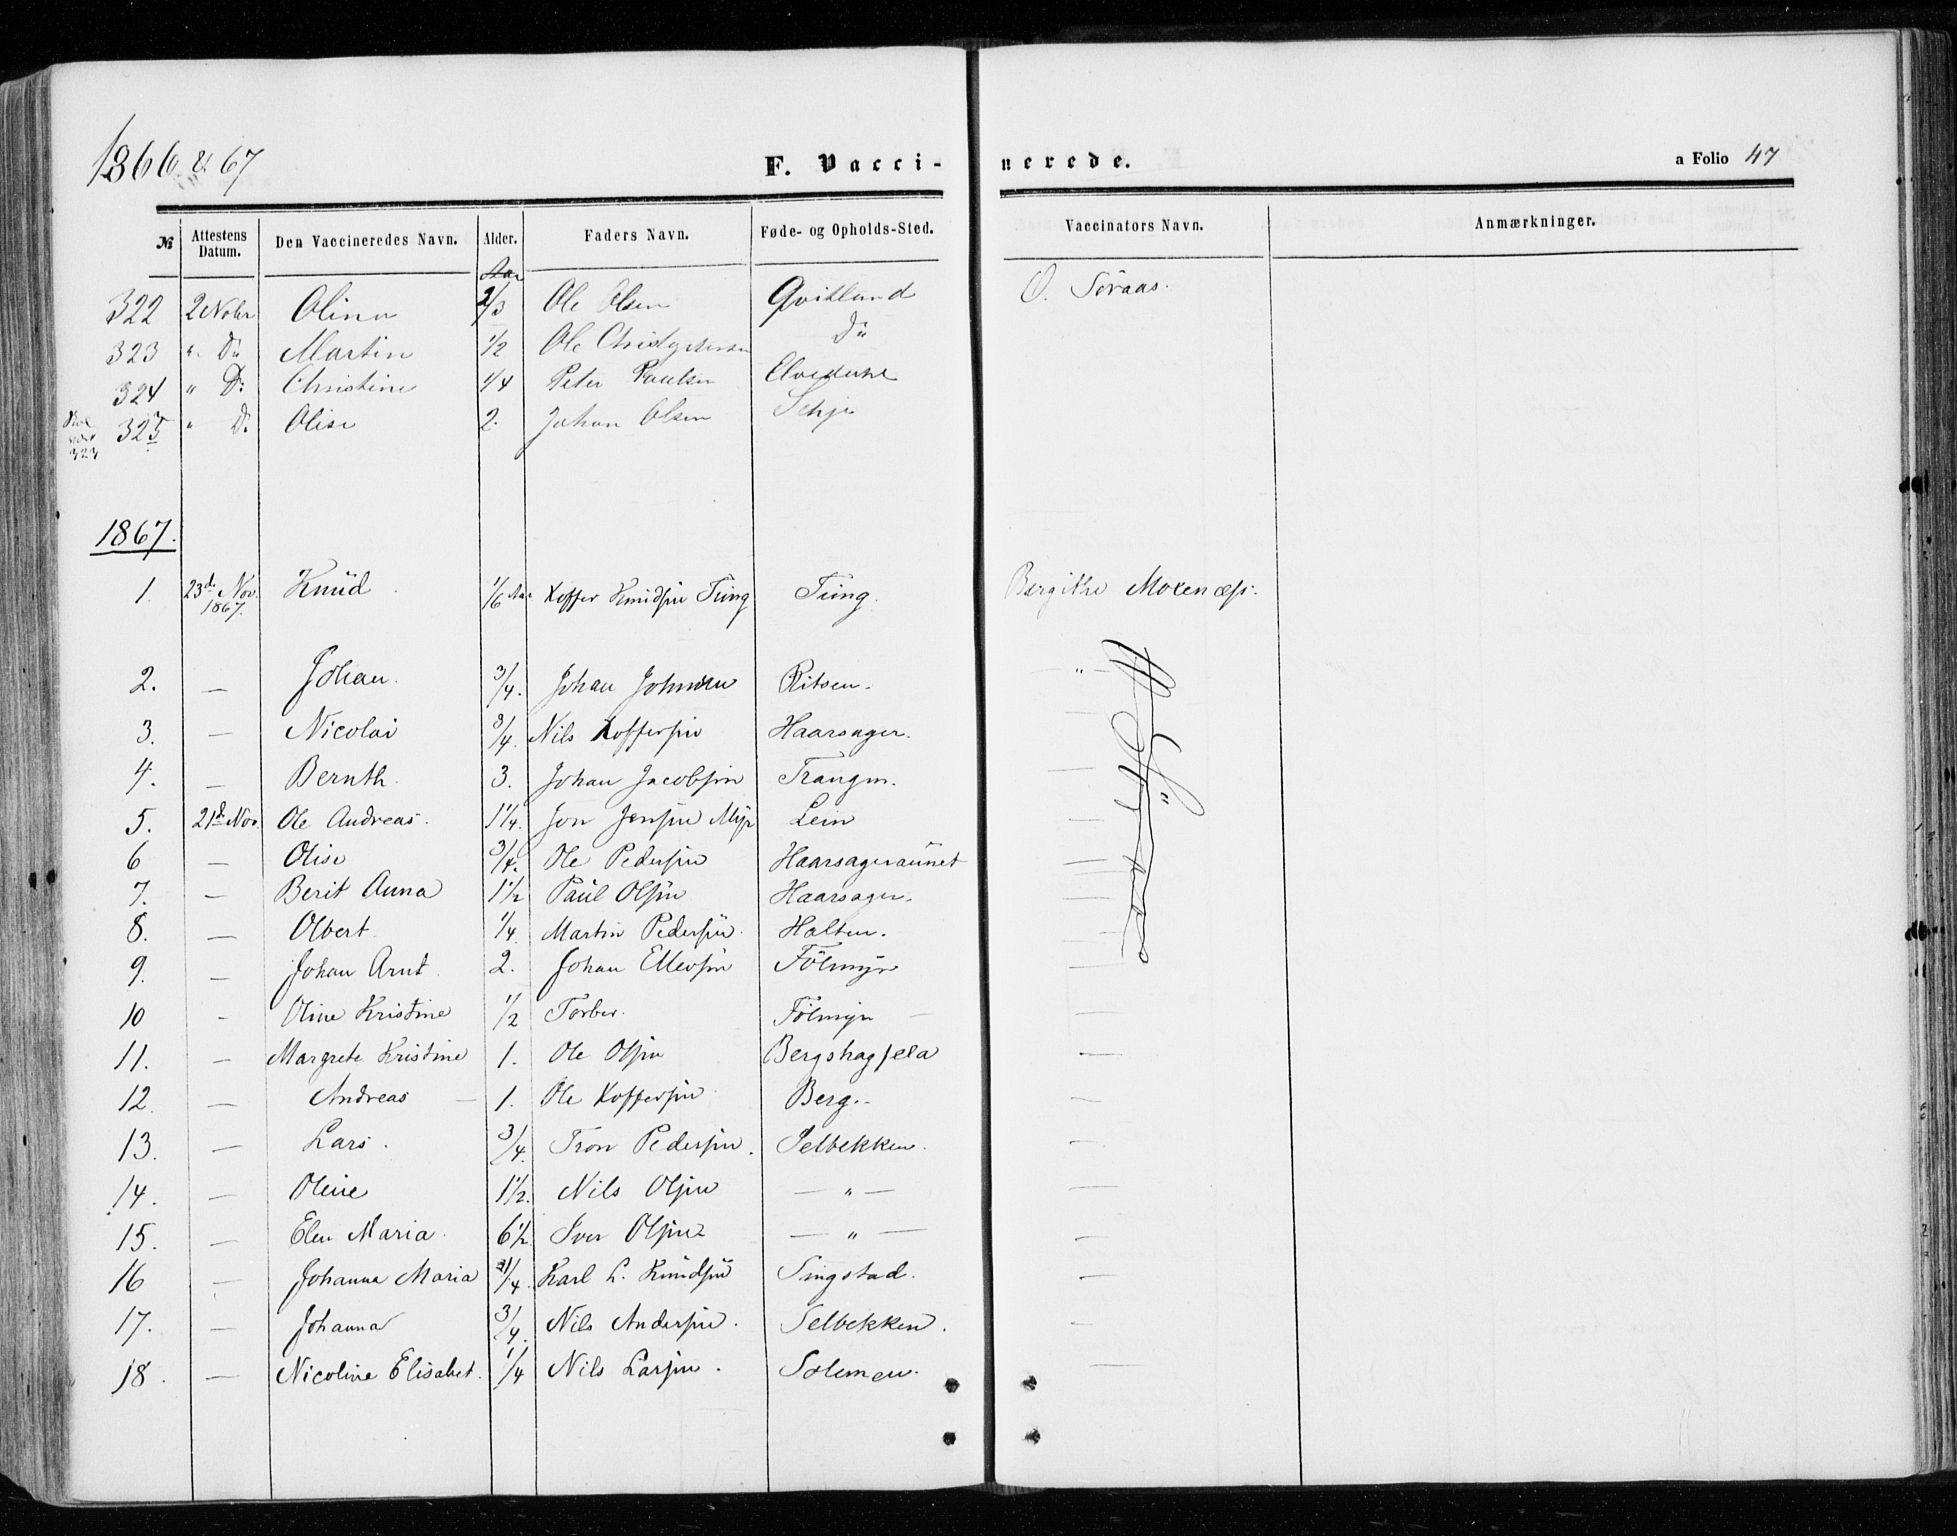 SAT, Ministerialprotokoller, klokkerbøker og fødselsregistre - Sør-Trøndelag, 646/L0612: Ministerialbok nr. 646A10, 1858-1869, s. 47